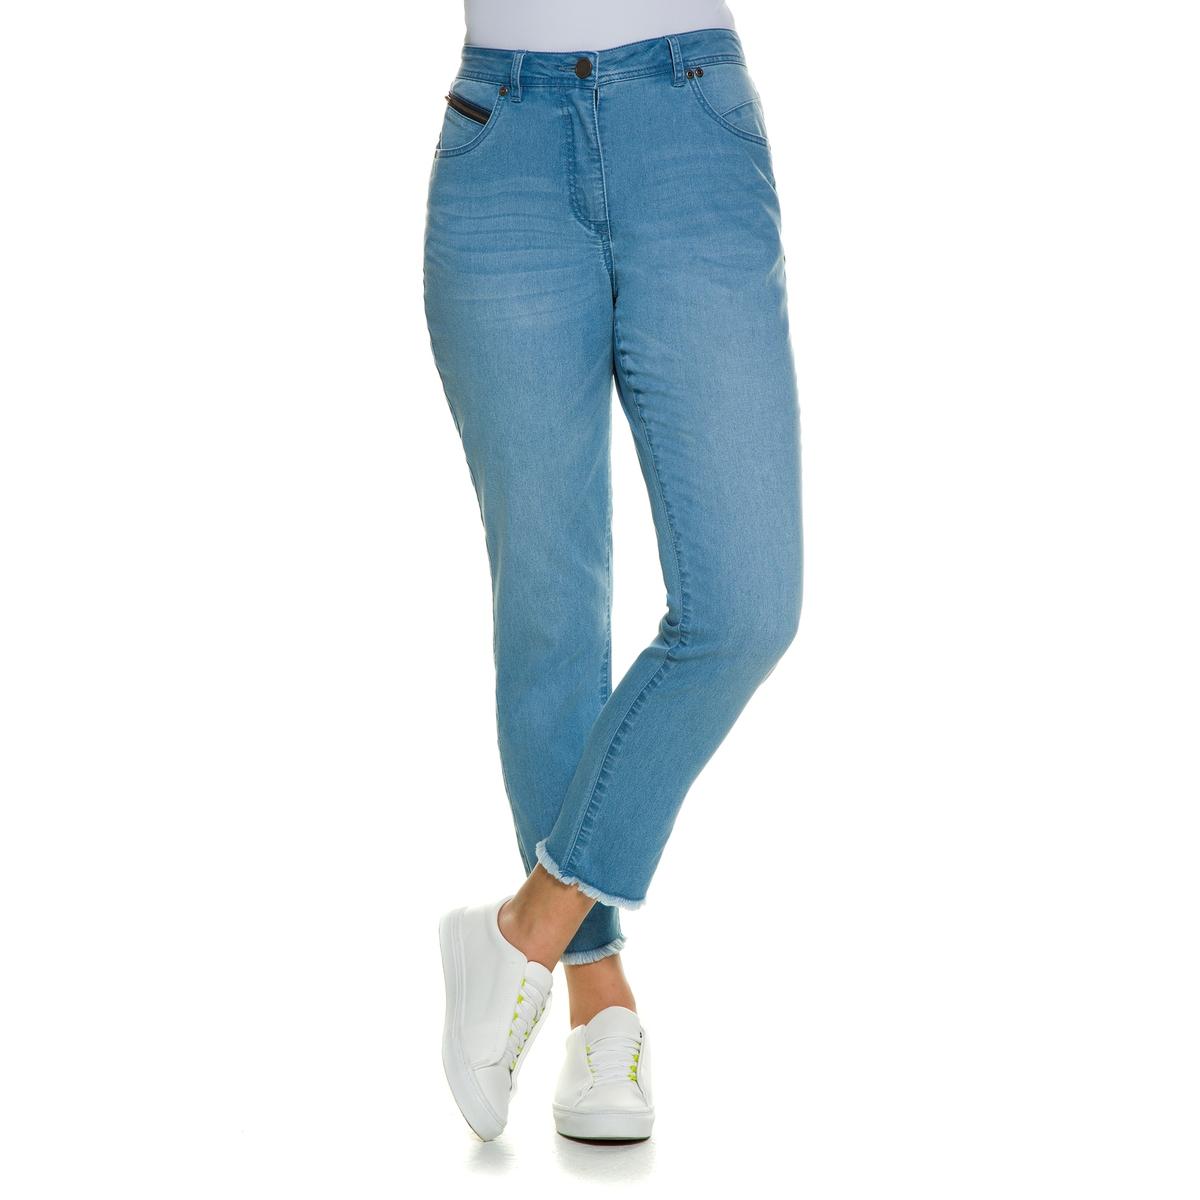 ДжинсыПокрой с 5 карманами, пояс со шлевками, эластичные вставки начиная с размера 52, застежка на пуговицу и молнию. Длина по внутр.шву . 72 см<br><br>Цвет: синий джинсовый<br>Размер: 54 (FR) - 60 (RUS)